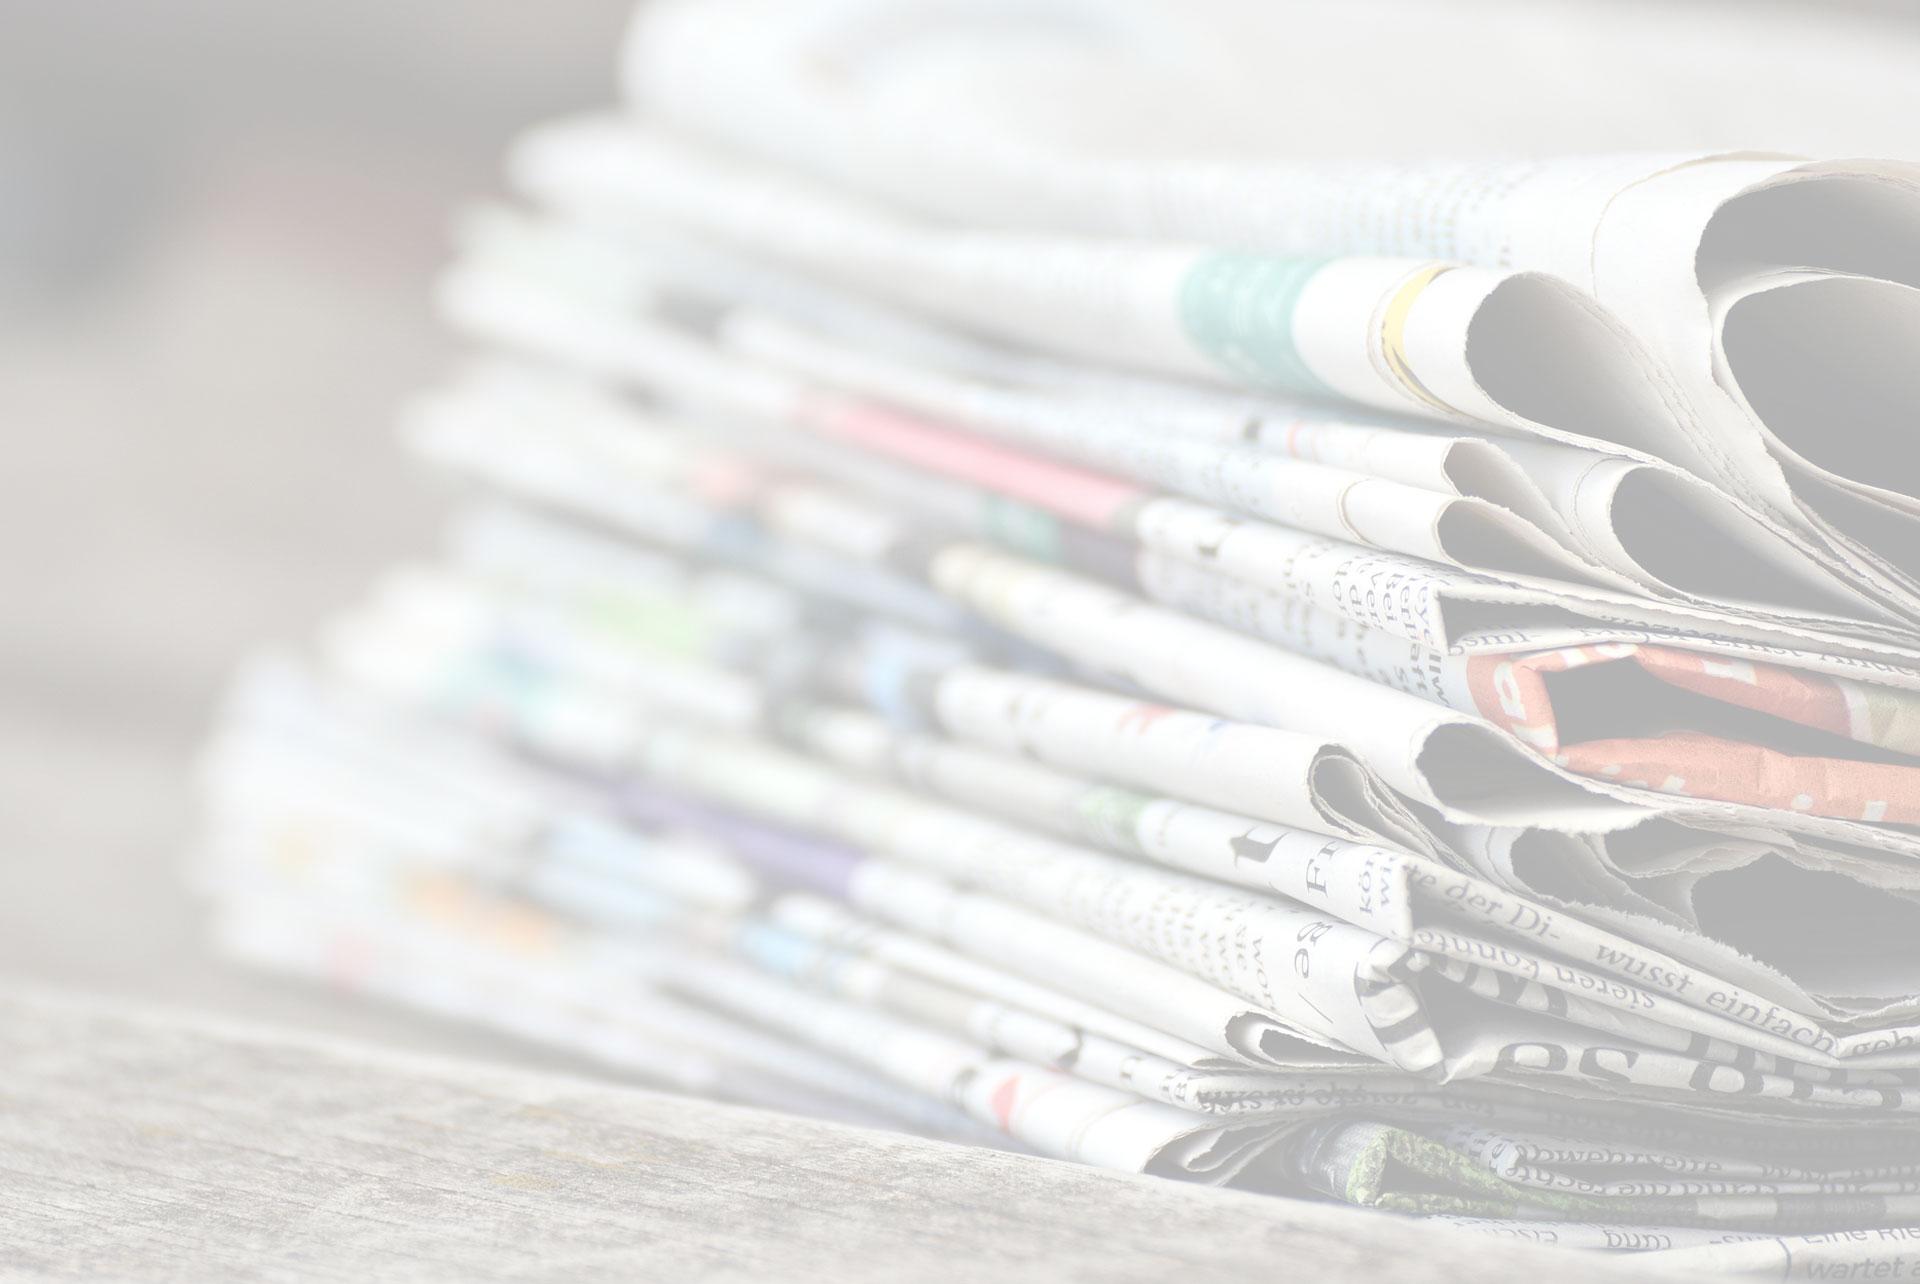 La lettera dell'ex ad di Ferrovie Renato Mazzoncini ai dipendenti